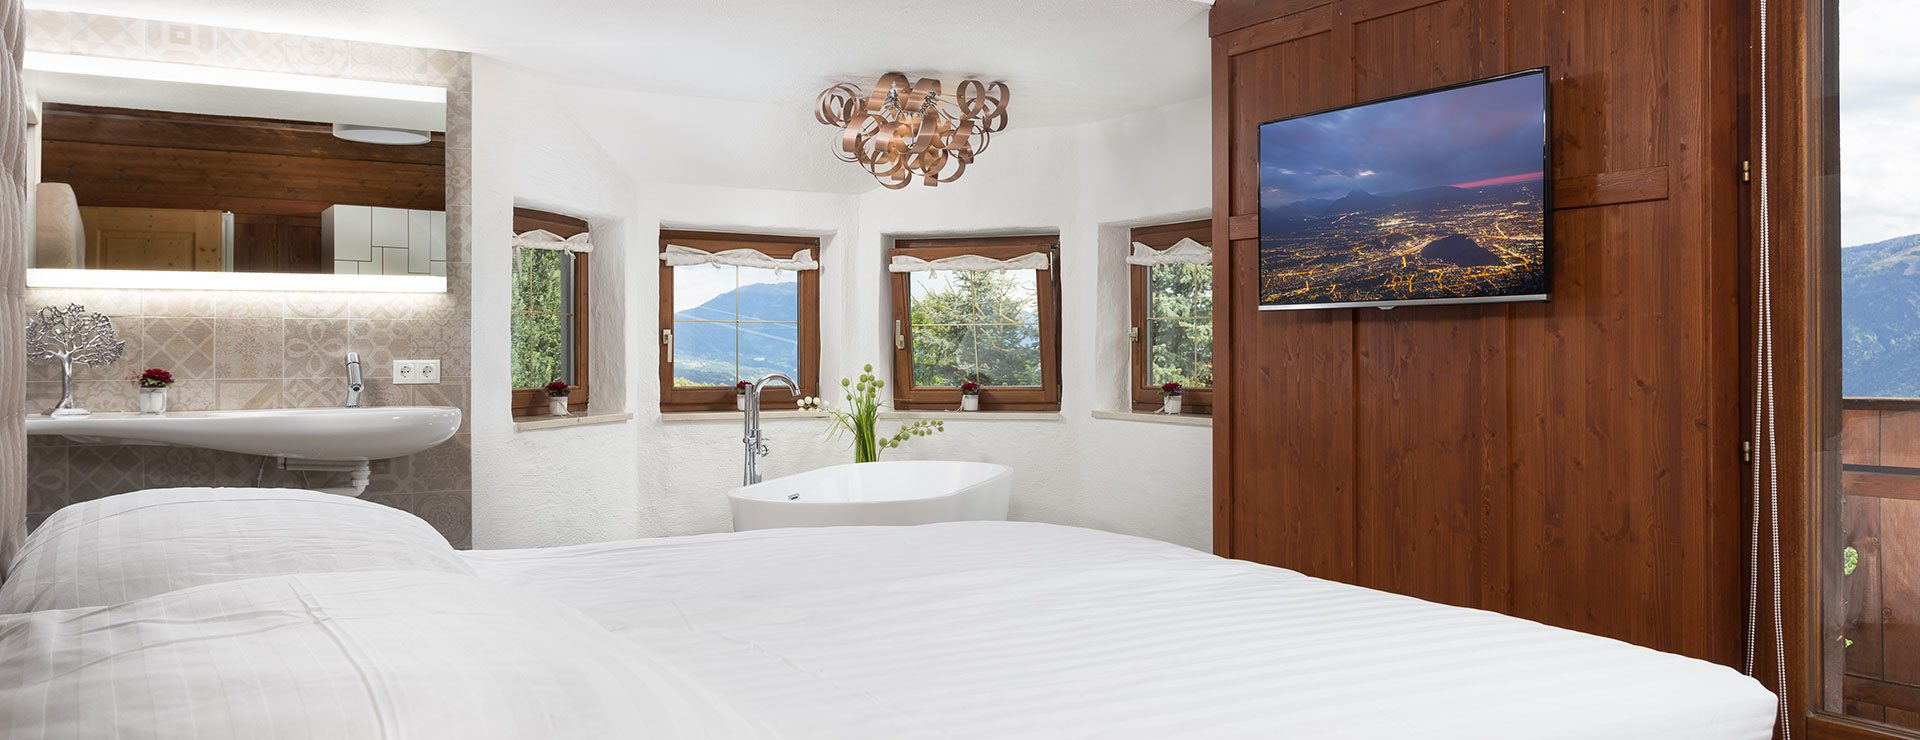 Exklusiver Urlaub im Berg Chalet Millstätter See